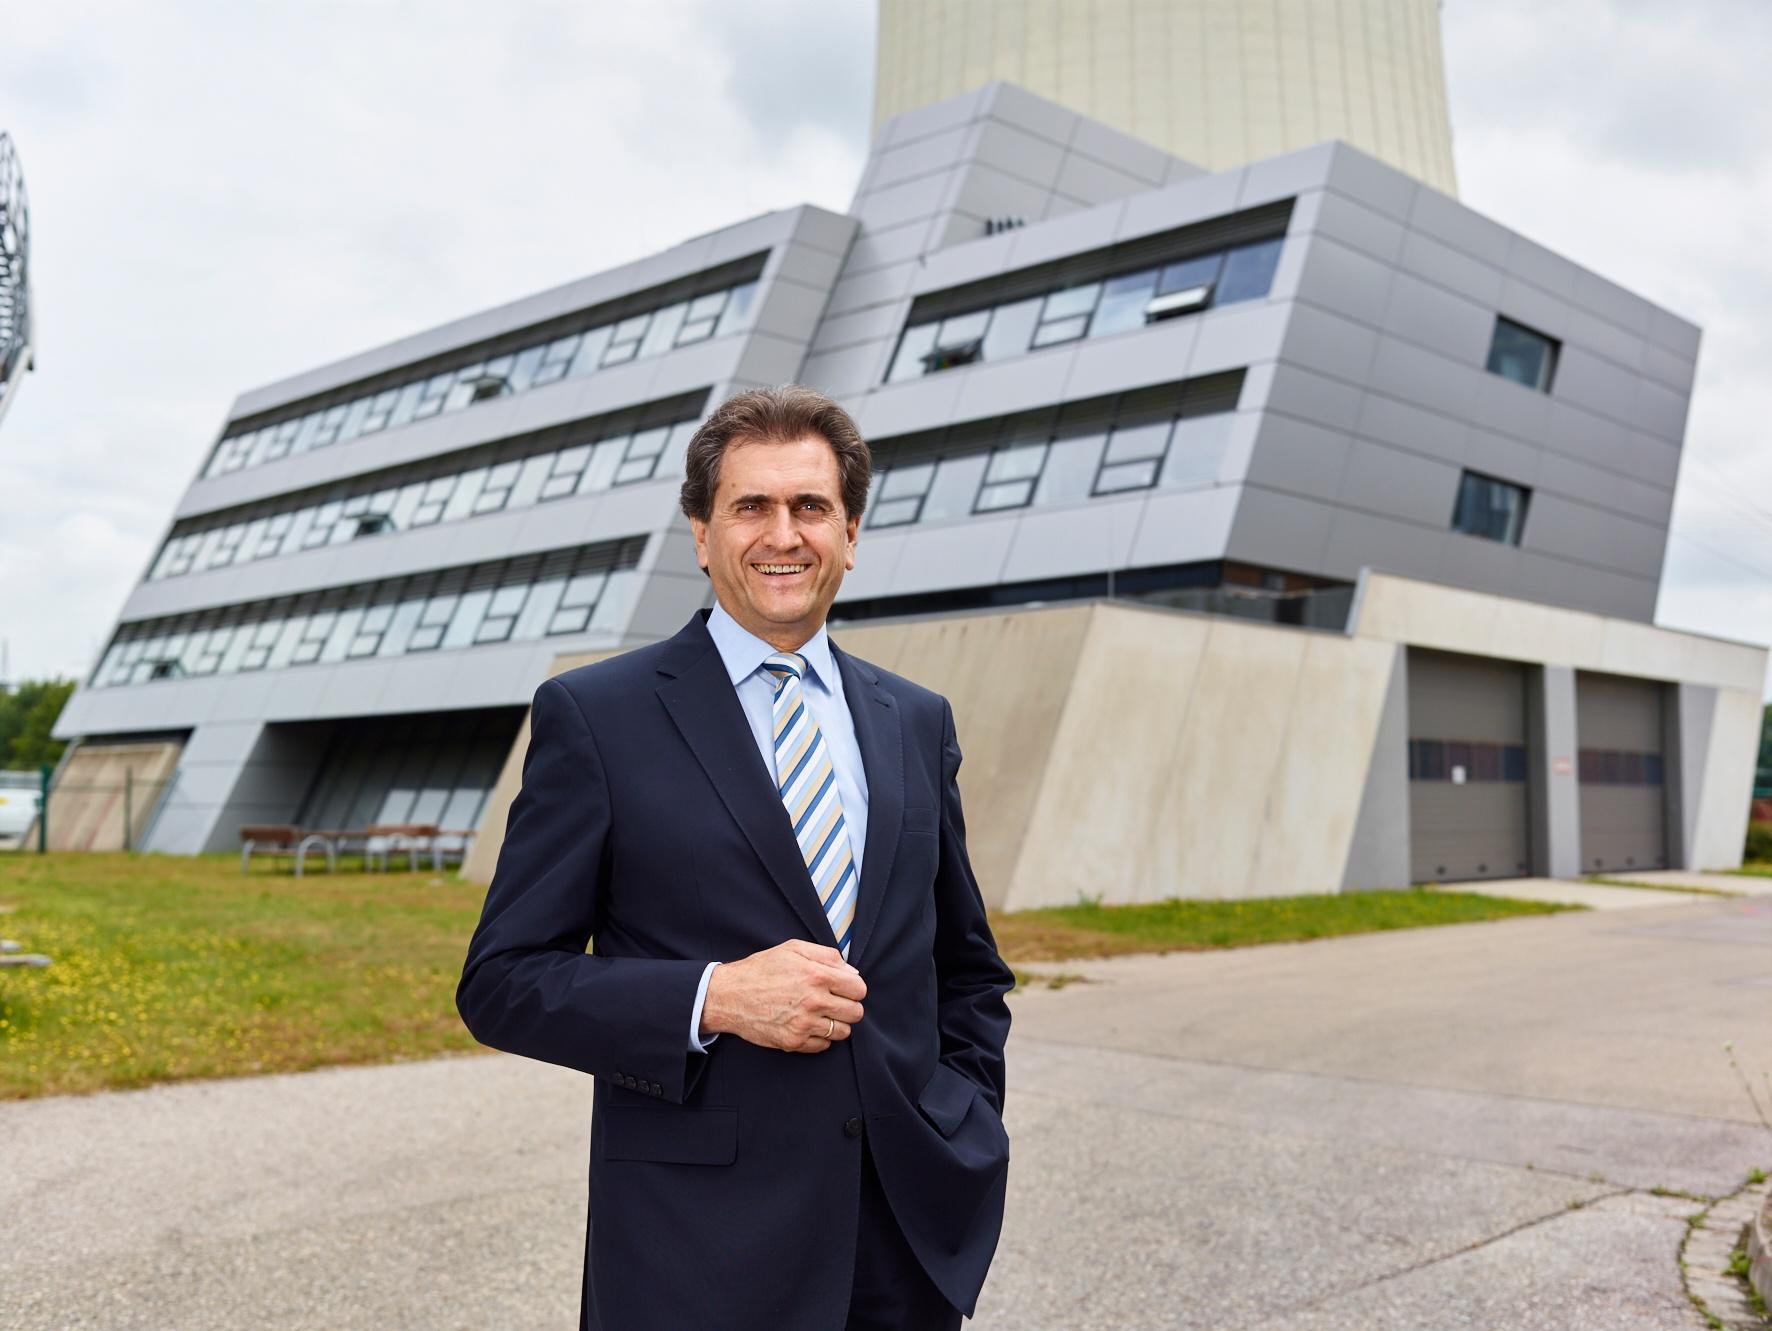 Walter Muck vor dem E.ON Verwaltungsgebäude beim Kraftwerk in Zolling bei München